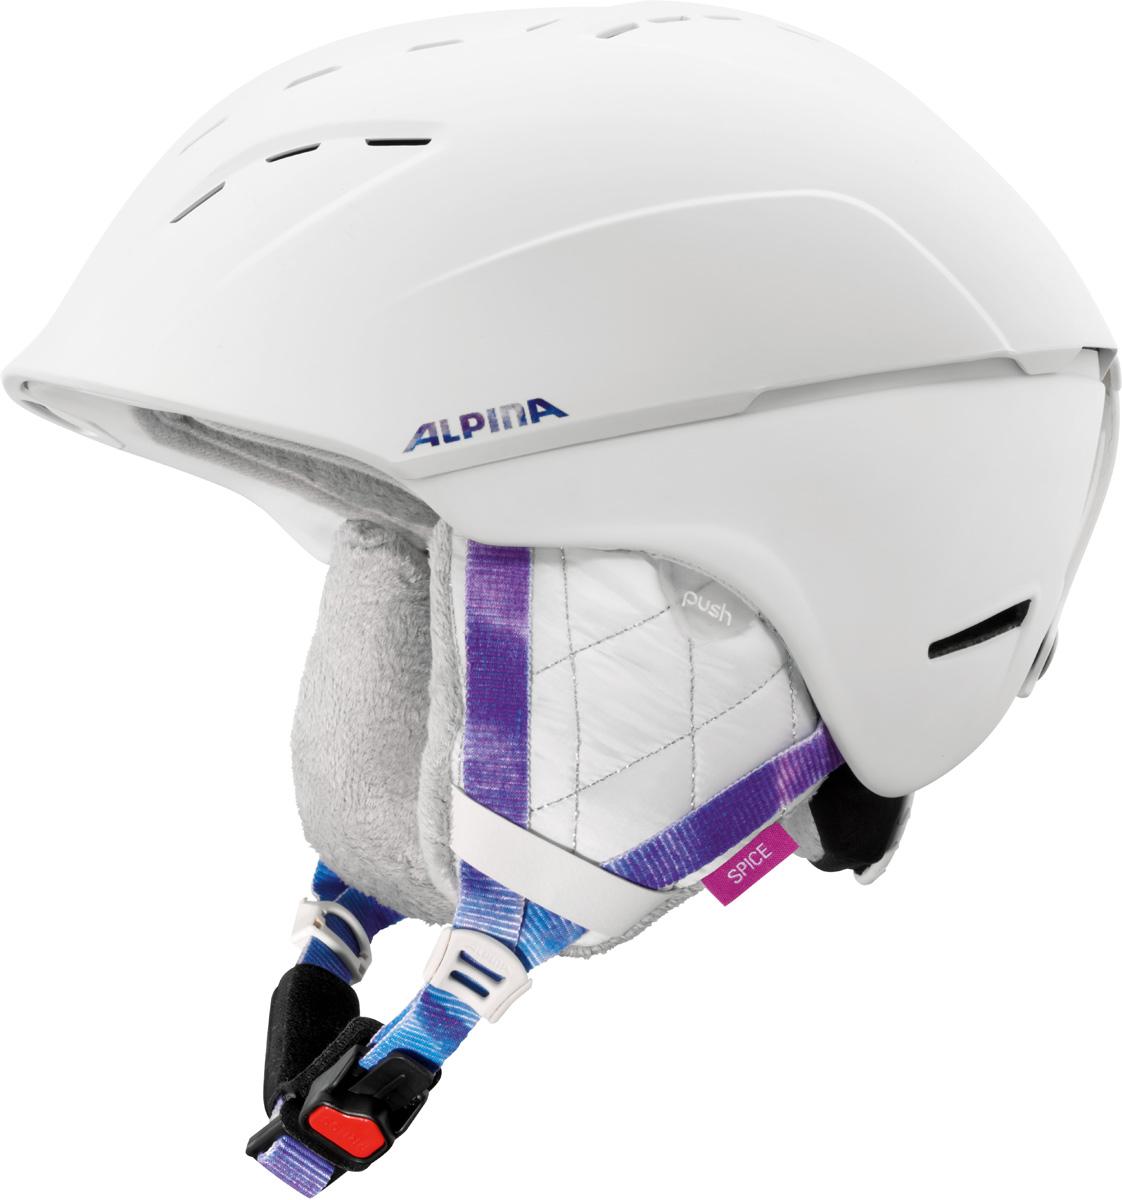 Шлем горнолыжный Alpina Spice, цвет: белый. A9067_14. Размер 55-59A9067_14Благодаря применяемым технологиям, этот шлем исключительно удобен при ношении и имеет отличную вентиляцию. Размеры: 52-61 см. Технологии:Hybrid - Нижняя часть шлема состоит из легкого Inmold, что обеспечивает хорошую амортизацию. Верхняя часть - супер-прочный Hardshell.EDGE PROTECT – усиленная нижняя часть шлема, выполненная по технологии Inmold. Дополнительная защита при боковых ударах. RUN SYSTEM – простая система настройки шлема, позволяющая добиться надежной фиксации.AIRSTREAM CONTROL – регулируемые воздушные клапана для полного контроля внутренней вентиляции. REMOVABLE EARPADS - съемные амбушюры добавляют чувства свободы во время катания в теплую погоду, не в ущерб безопасности. При падении температуры, амбушюры легко устанавливаются обратно на шлем.CHANGEABLE INTERIOR – съемная внутренняя часть. Допускается стирка в теплой мыльной воде.NECKWARMER – дополнительное утепление шеи. Изготовлено из мягкого флиса.3D FIT – ремень, позволяющий регулироваться затылочную часть шлема. Пять позиций позволят настроить идеальную посадку.